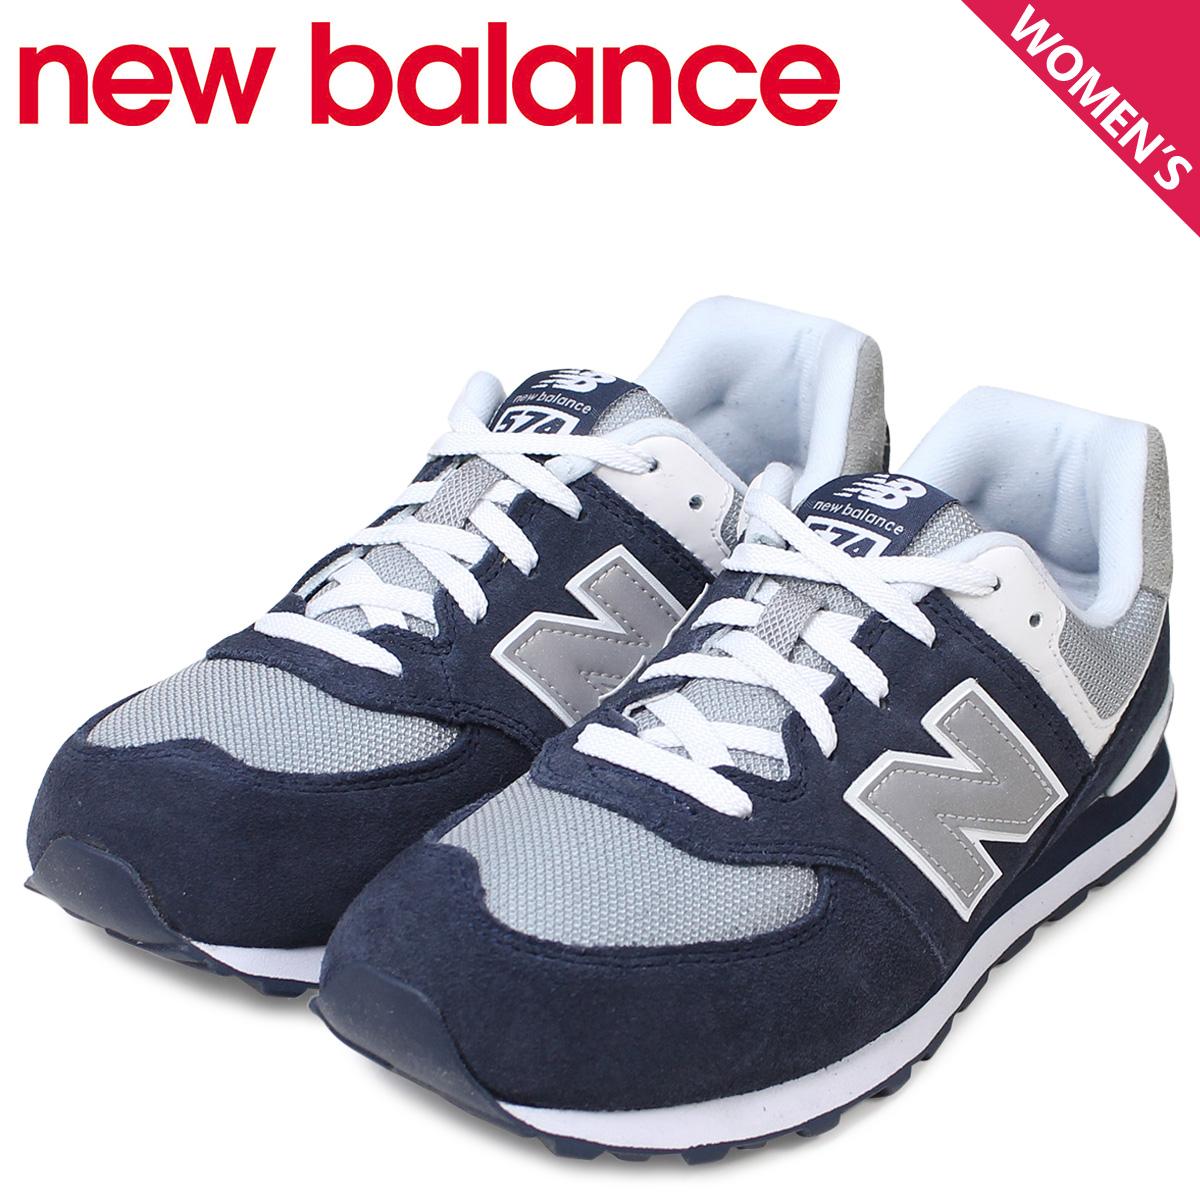 chaussure noel new balance